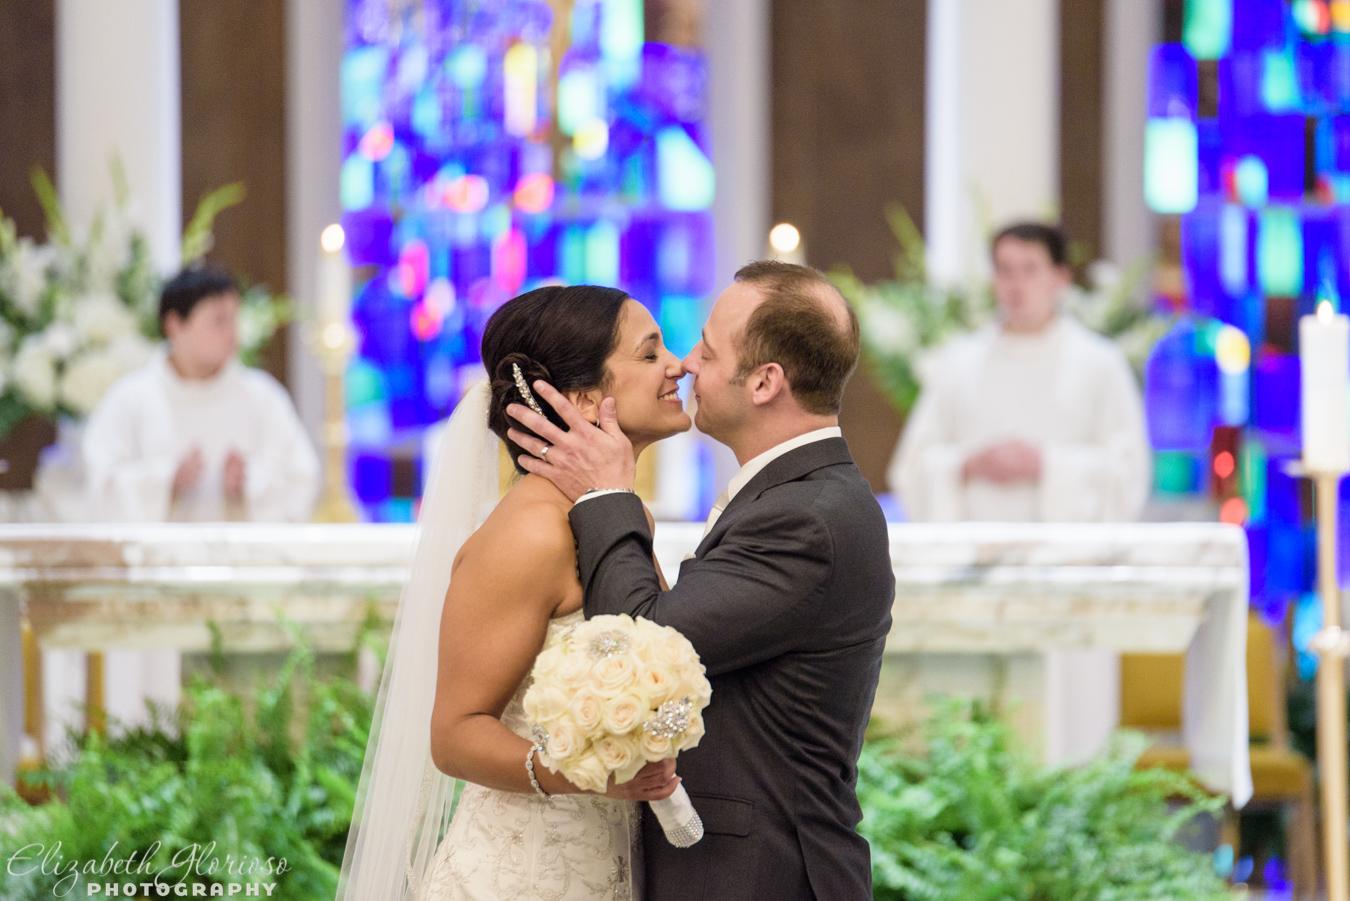 Wedding_Glorioso_Photography_Cleveland-126